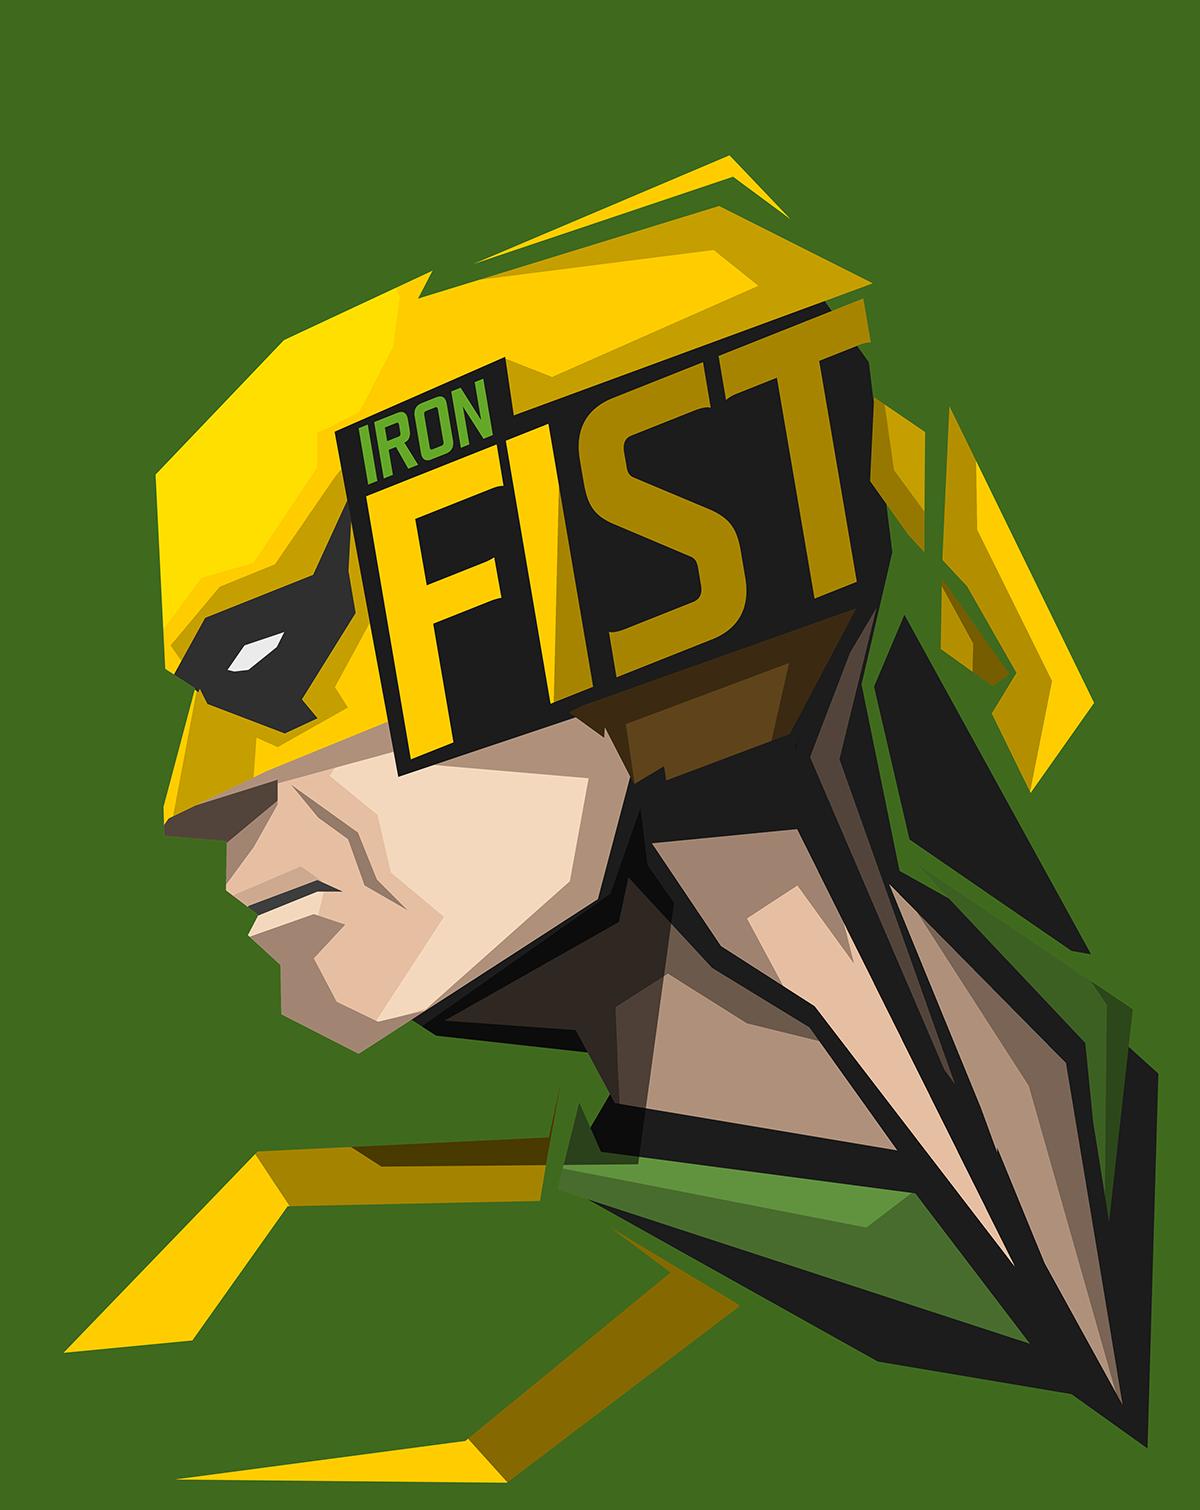 Bbf67b37661063 5747a48a5d0c0 Png 1200 1510 Marvel Comics Art Marvel Comics Iron Fist